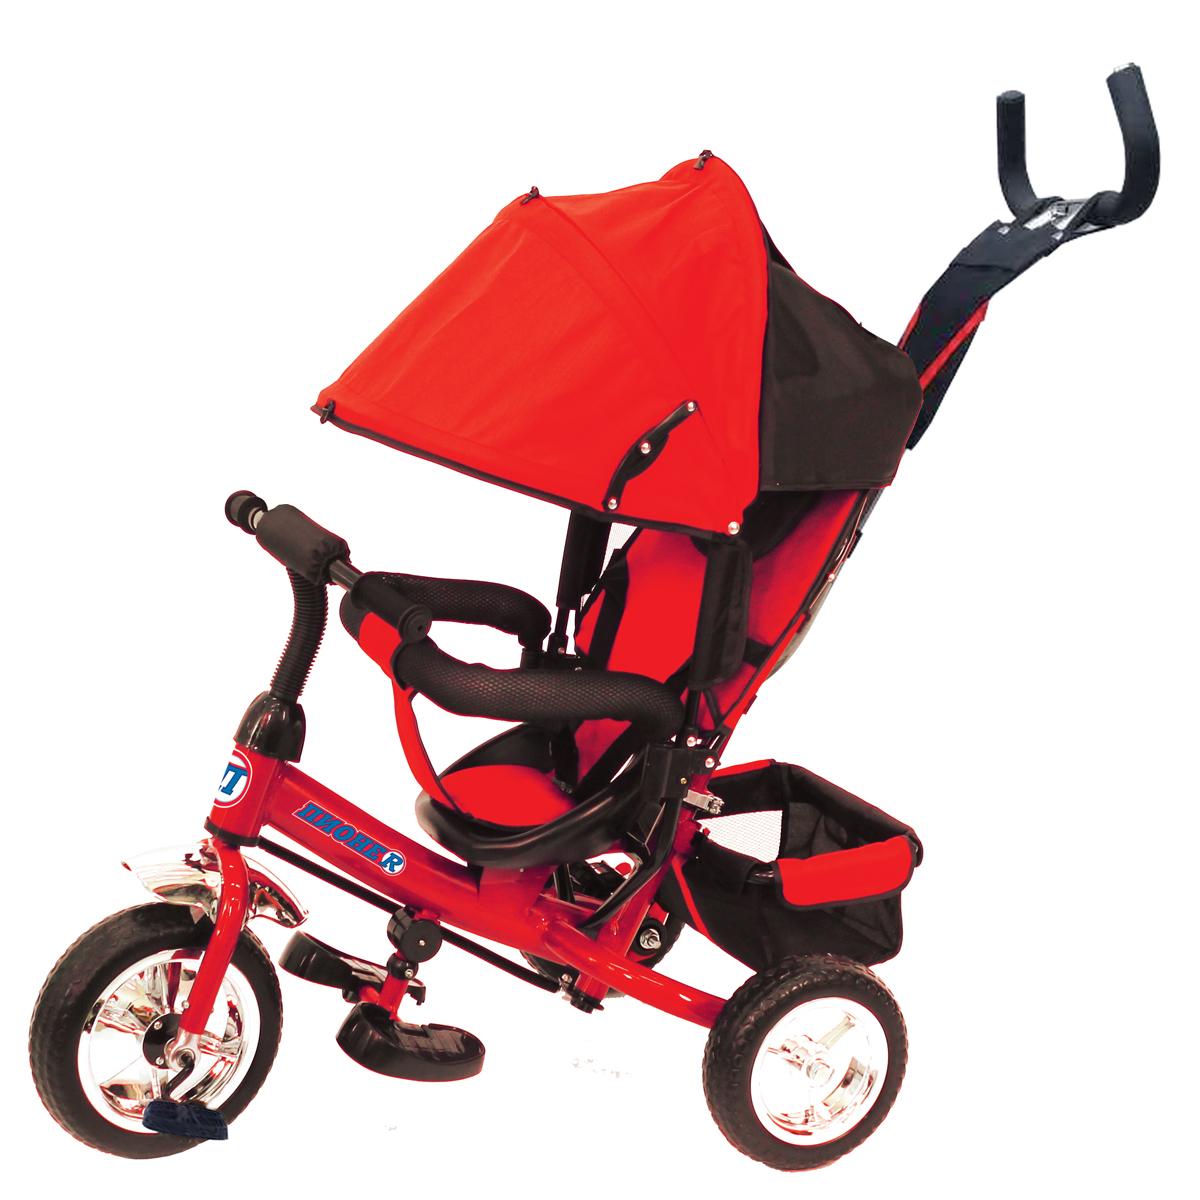 ПИОНЕR Велосипед трехколесный цвет красный P1R - Велосипеды-каталки